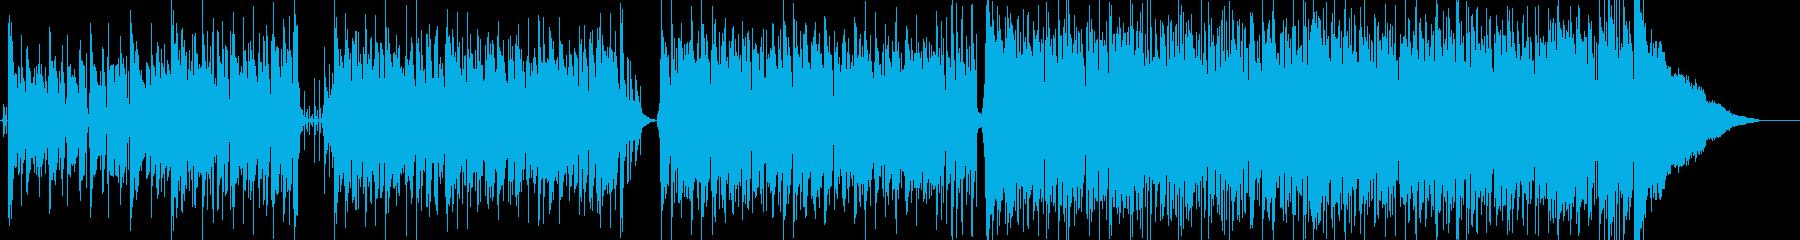 ◎ガットGt生演奏♫常夏おしゃれボッサの再生済みの波形